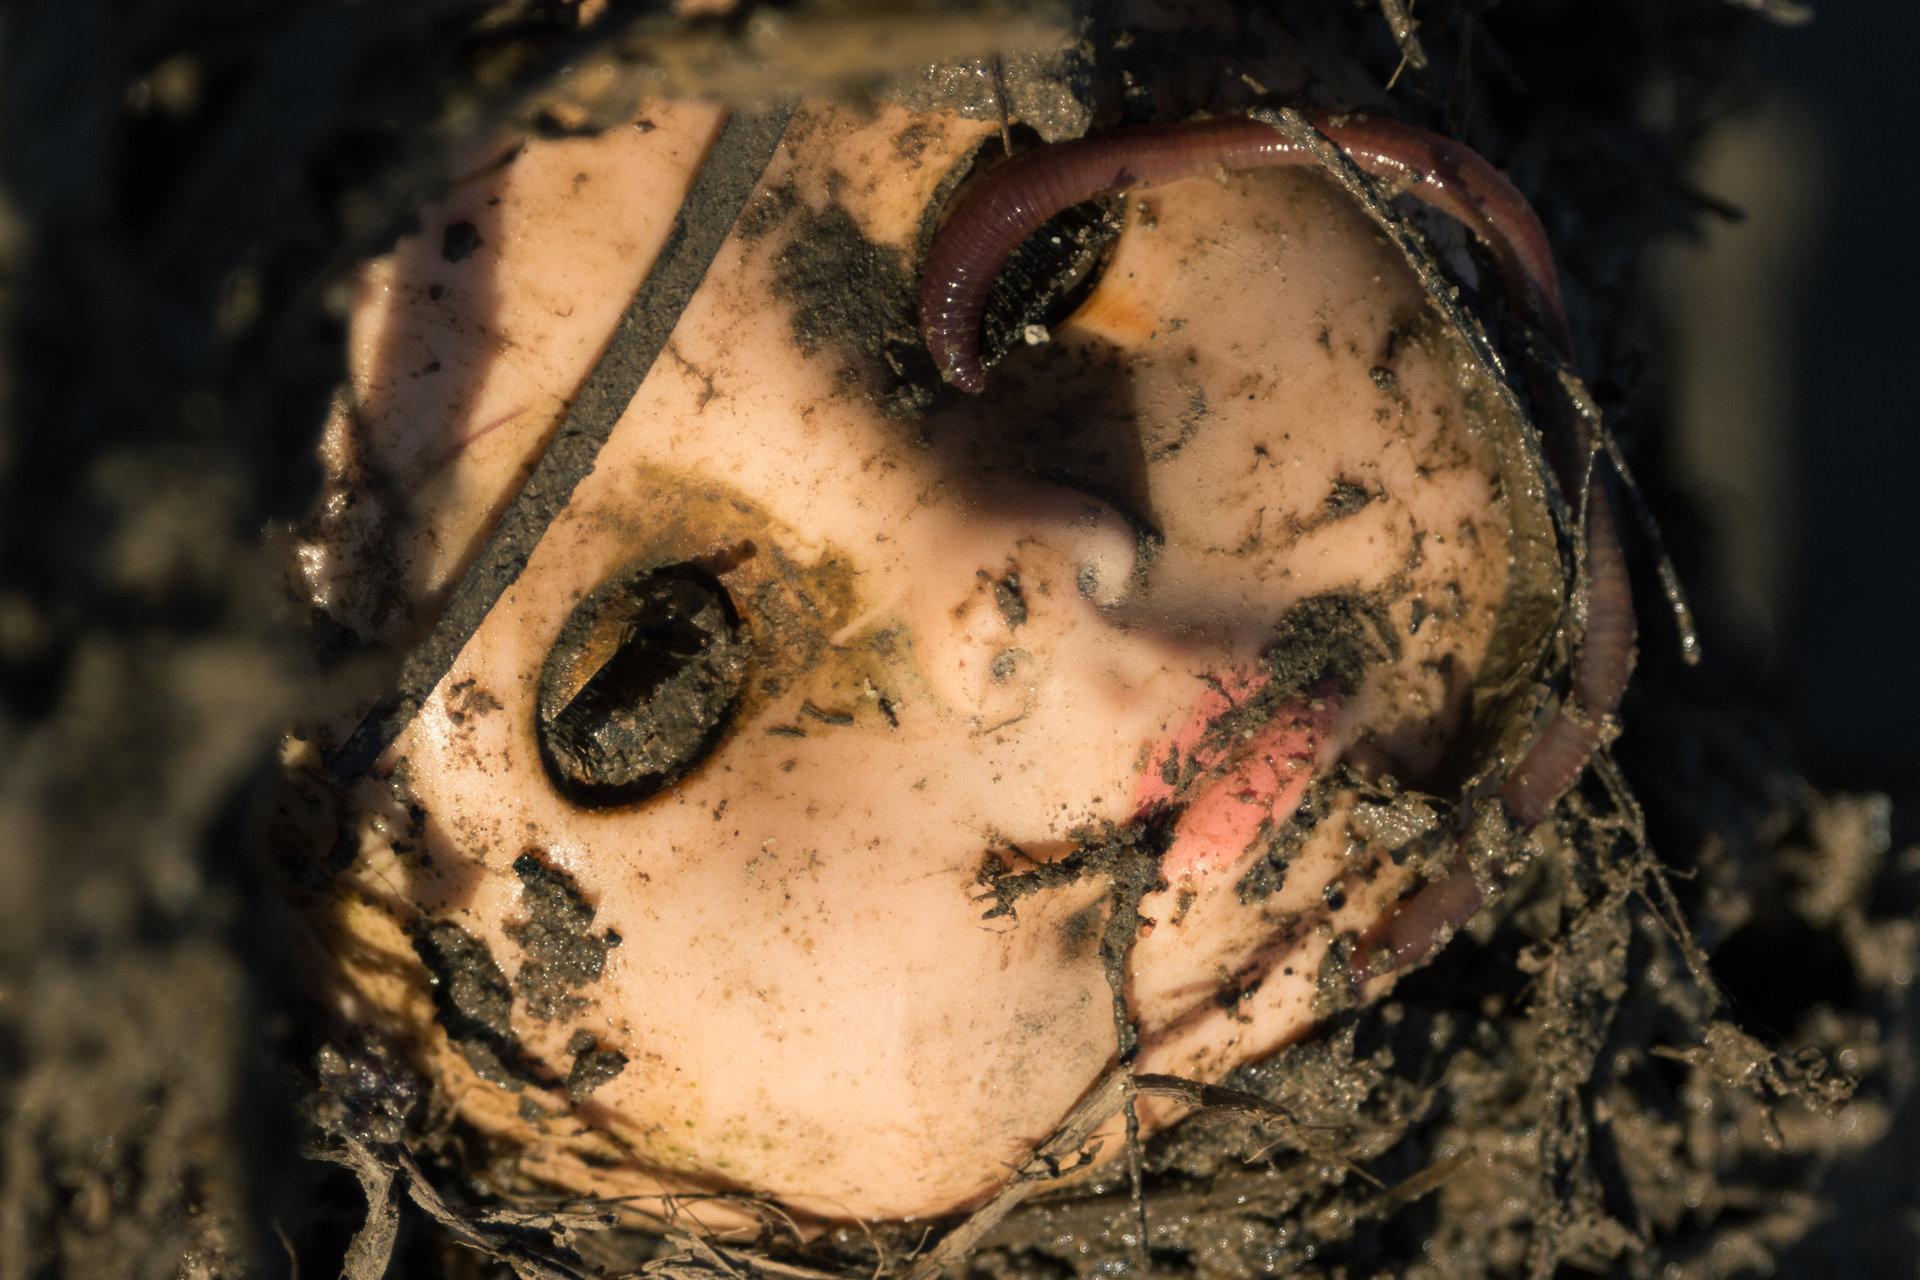 Dead doll от Petar Chapkanov - Ariovistvs